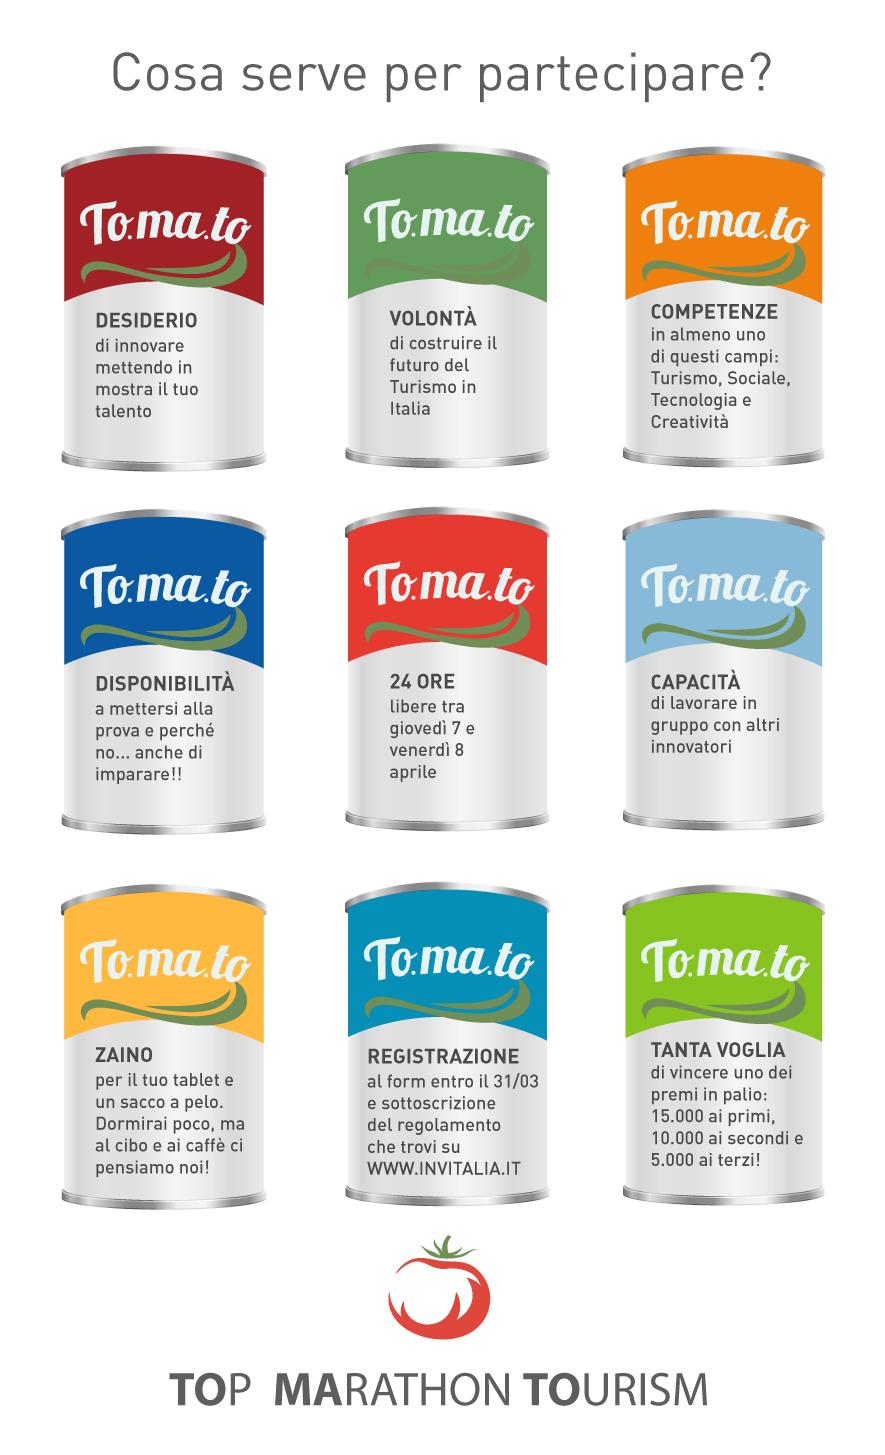 TOMATO-Cosa-serve-per-partecipare